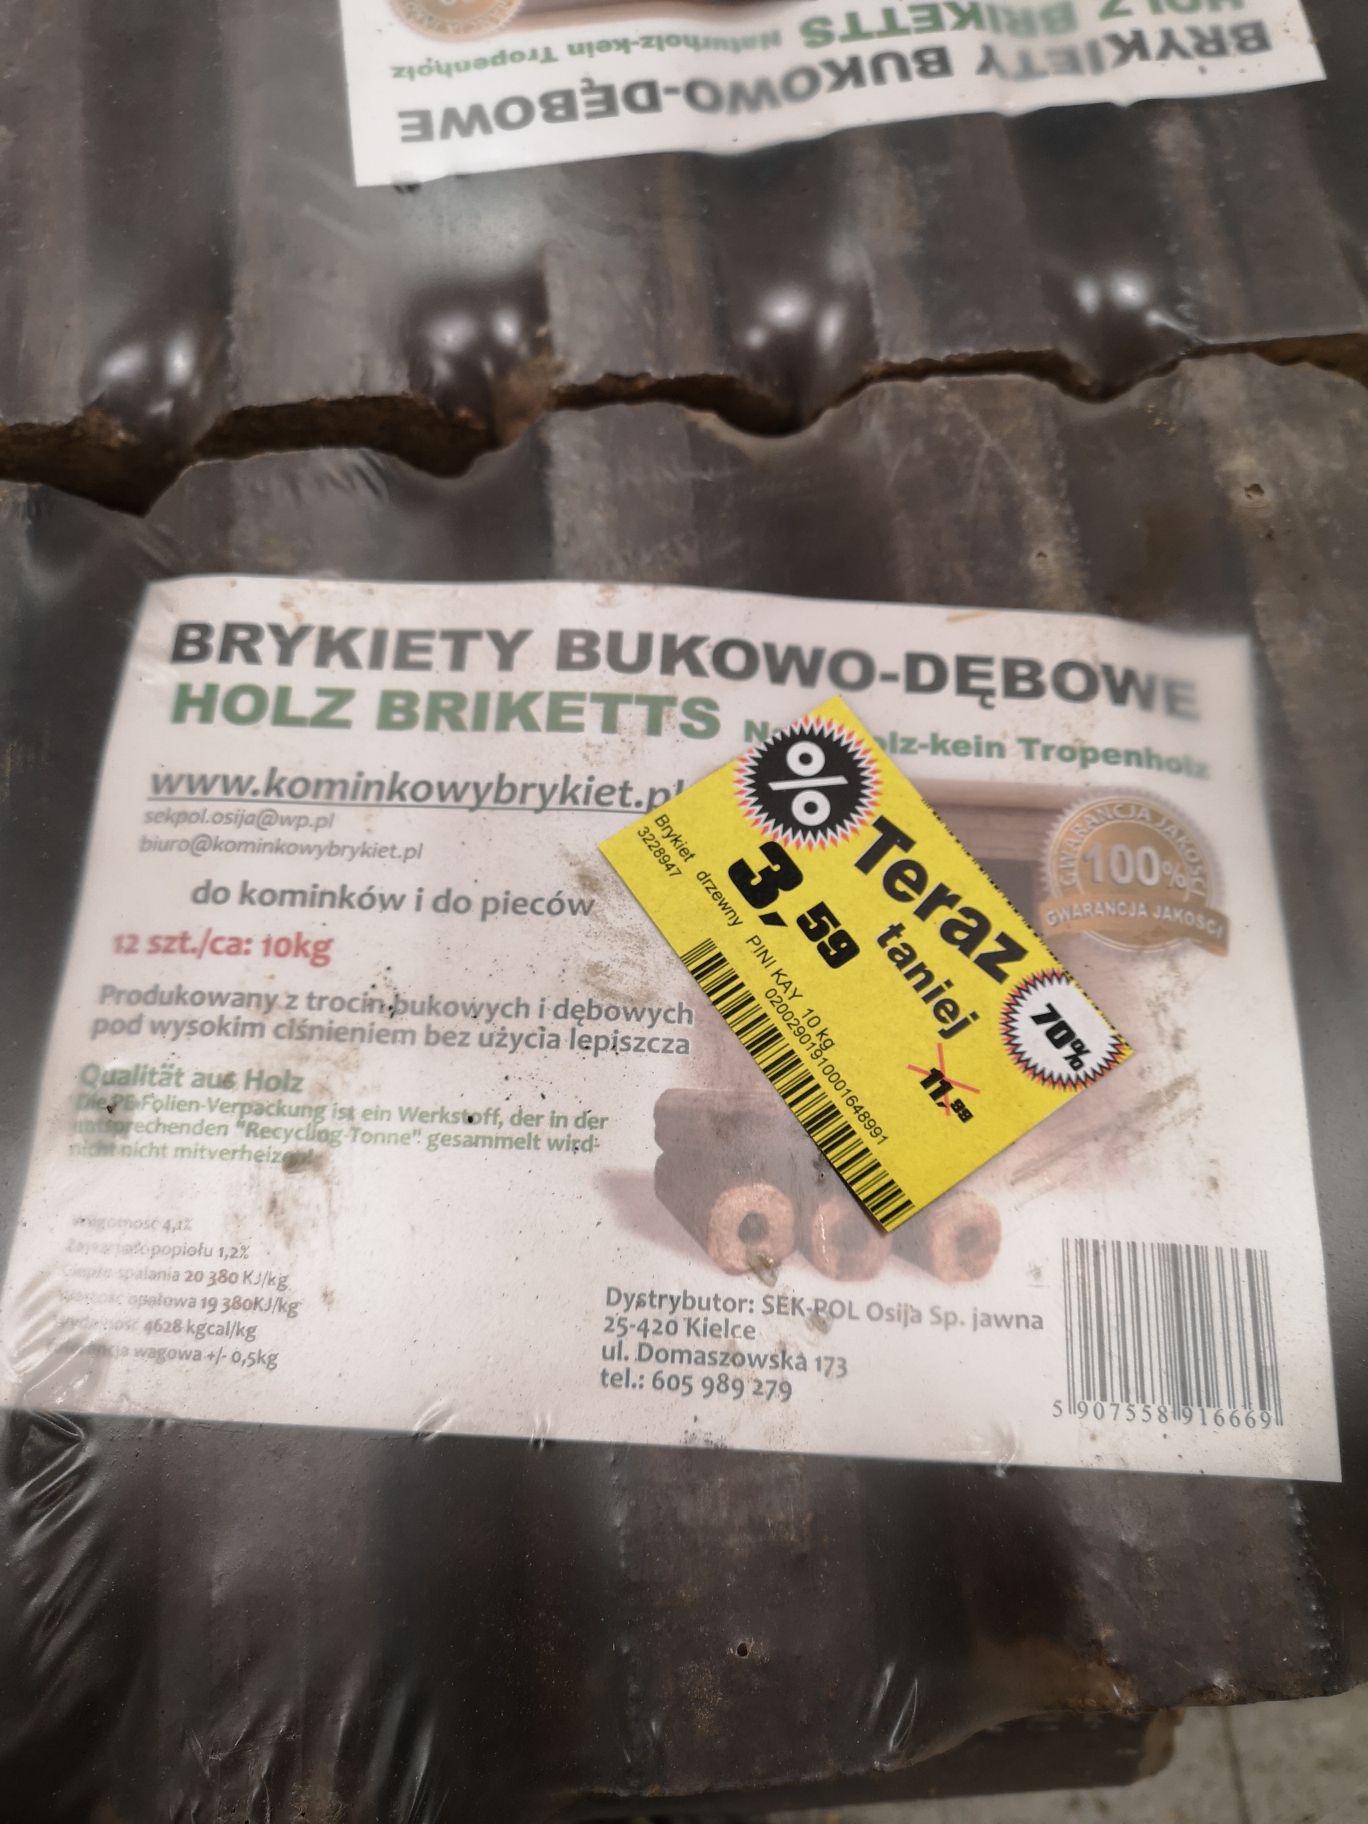 Brykiet Bukowo - dębowy OBI